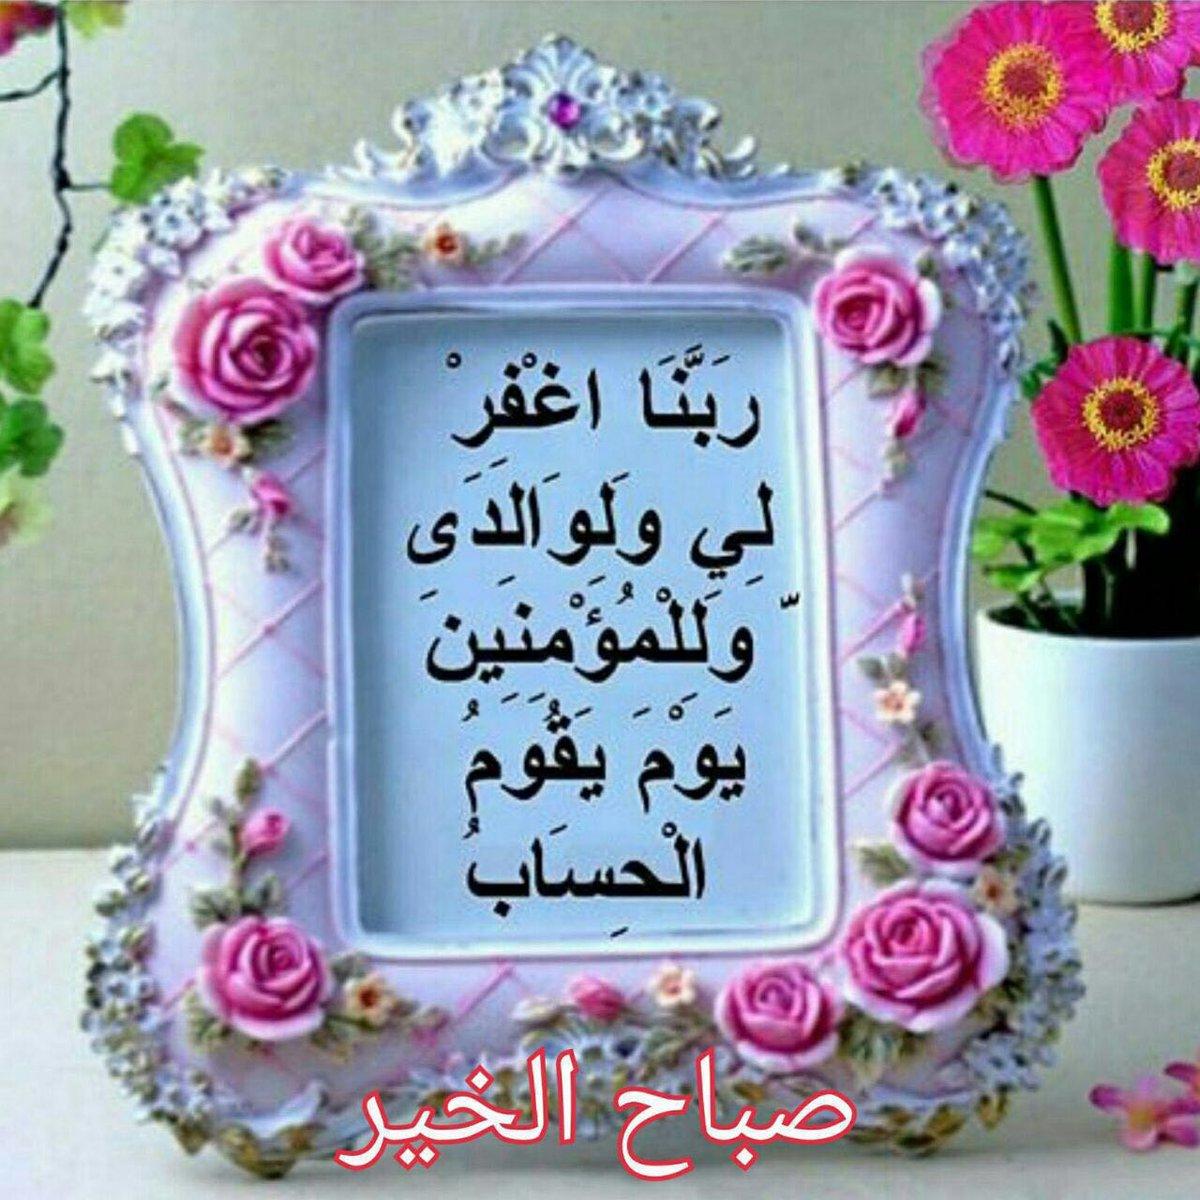 اللهم الحياه الجميله